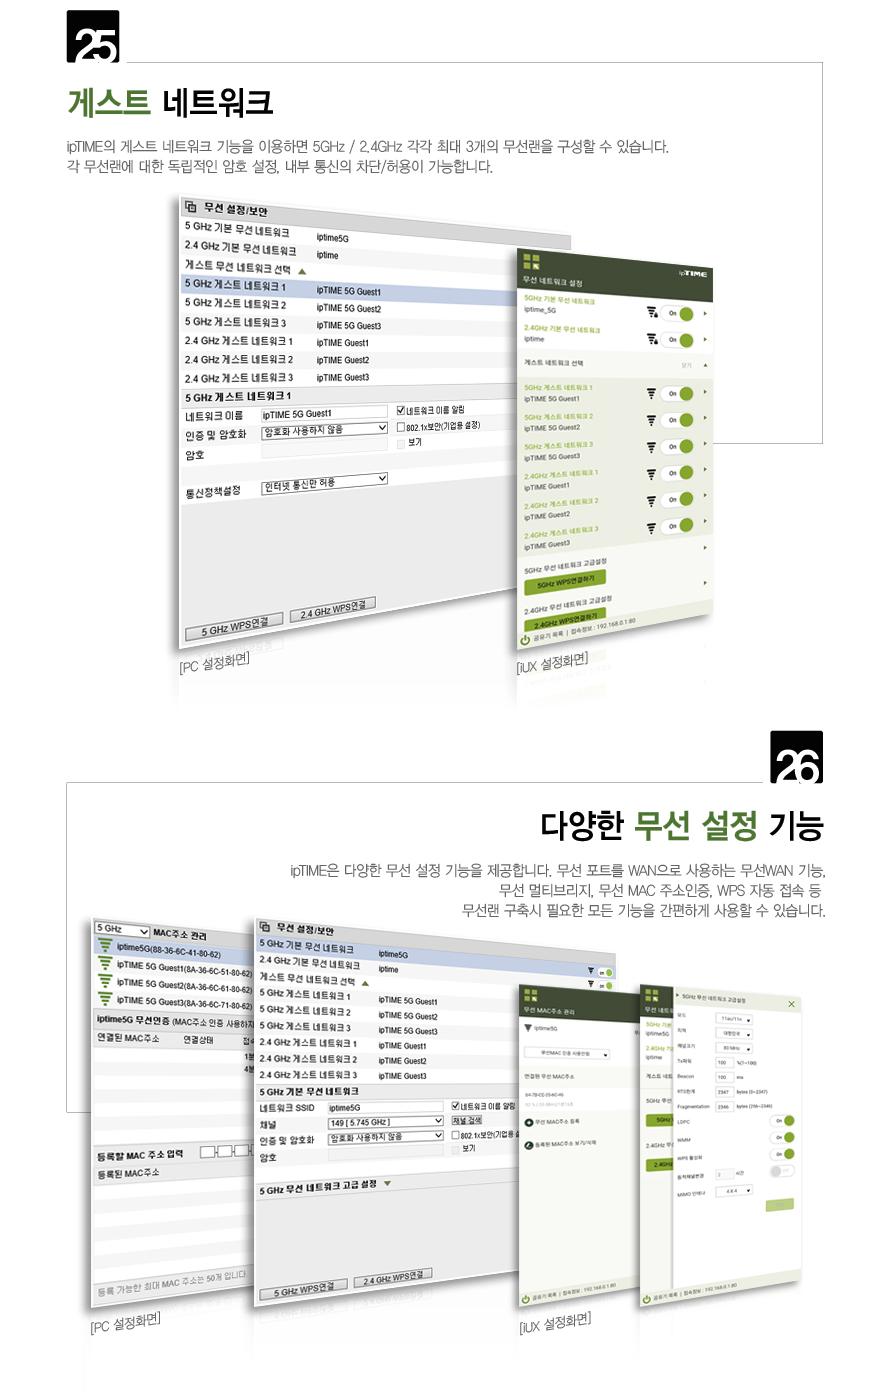 ax8004bcm_sale_22.jpg